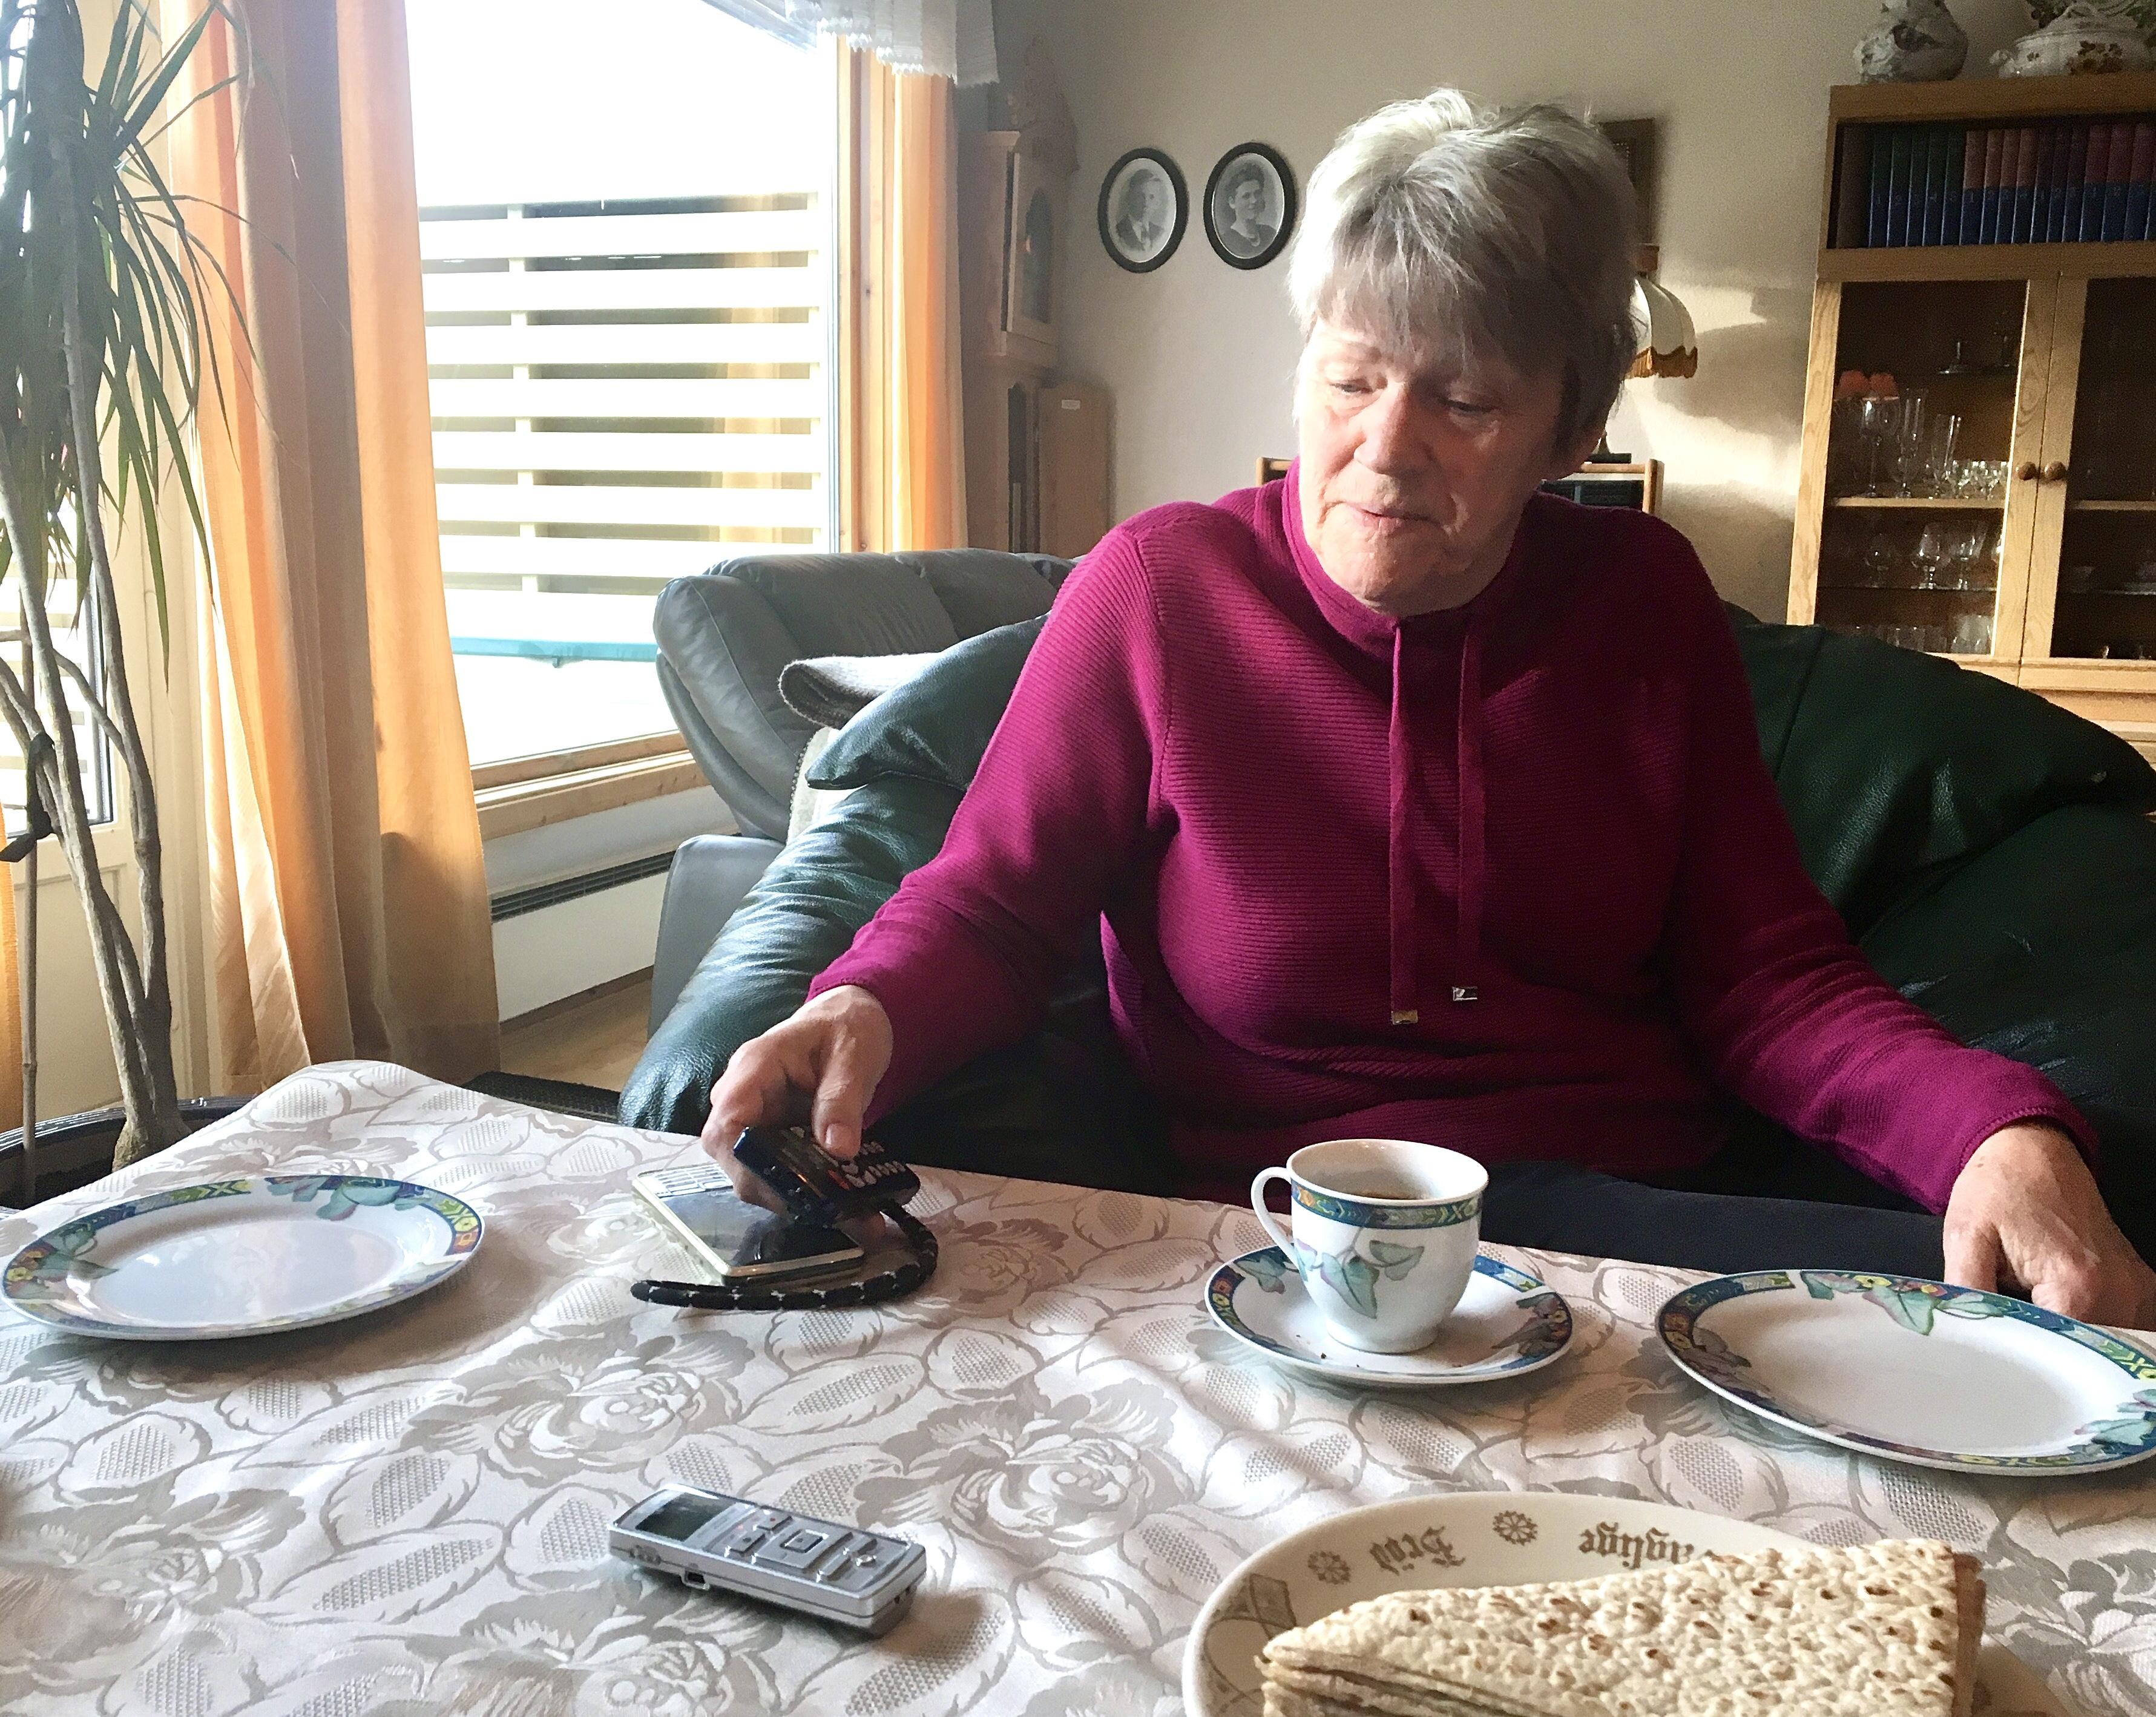 Kvinne ved sitt stuebord, hun viser fram diverse teknisk utstyr.